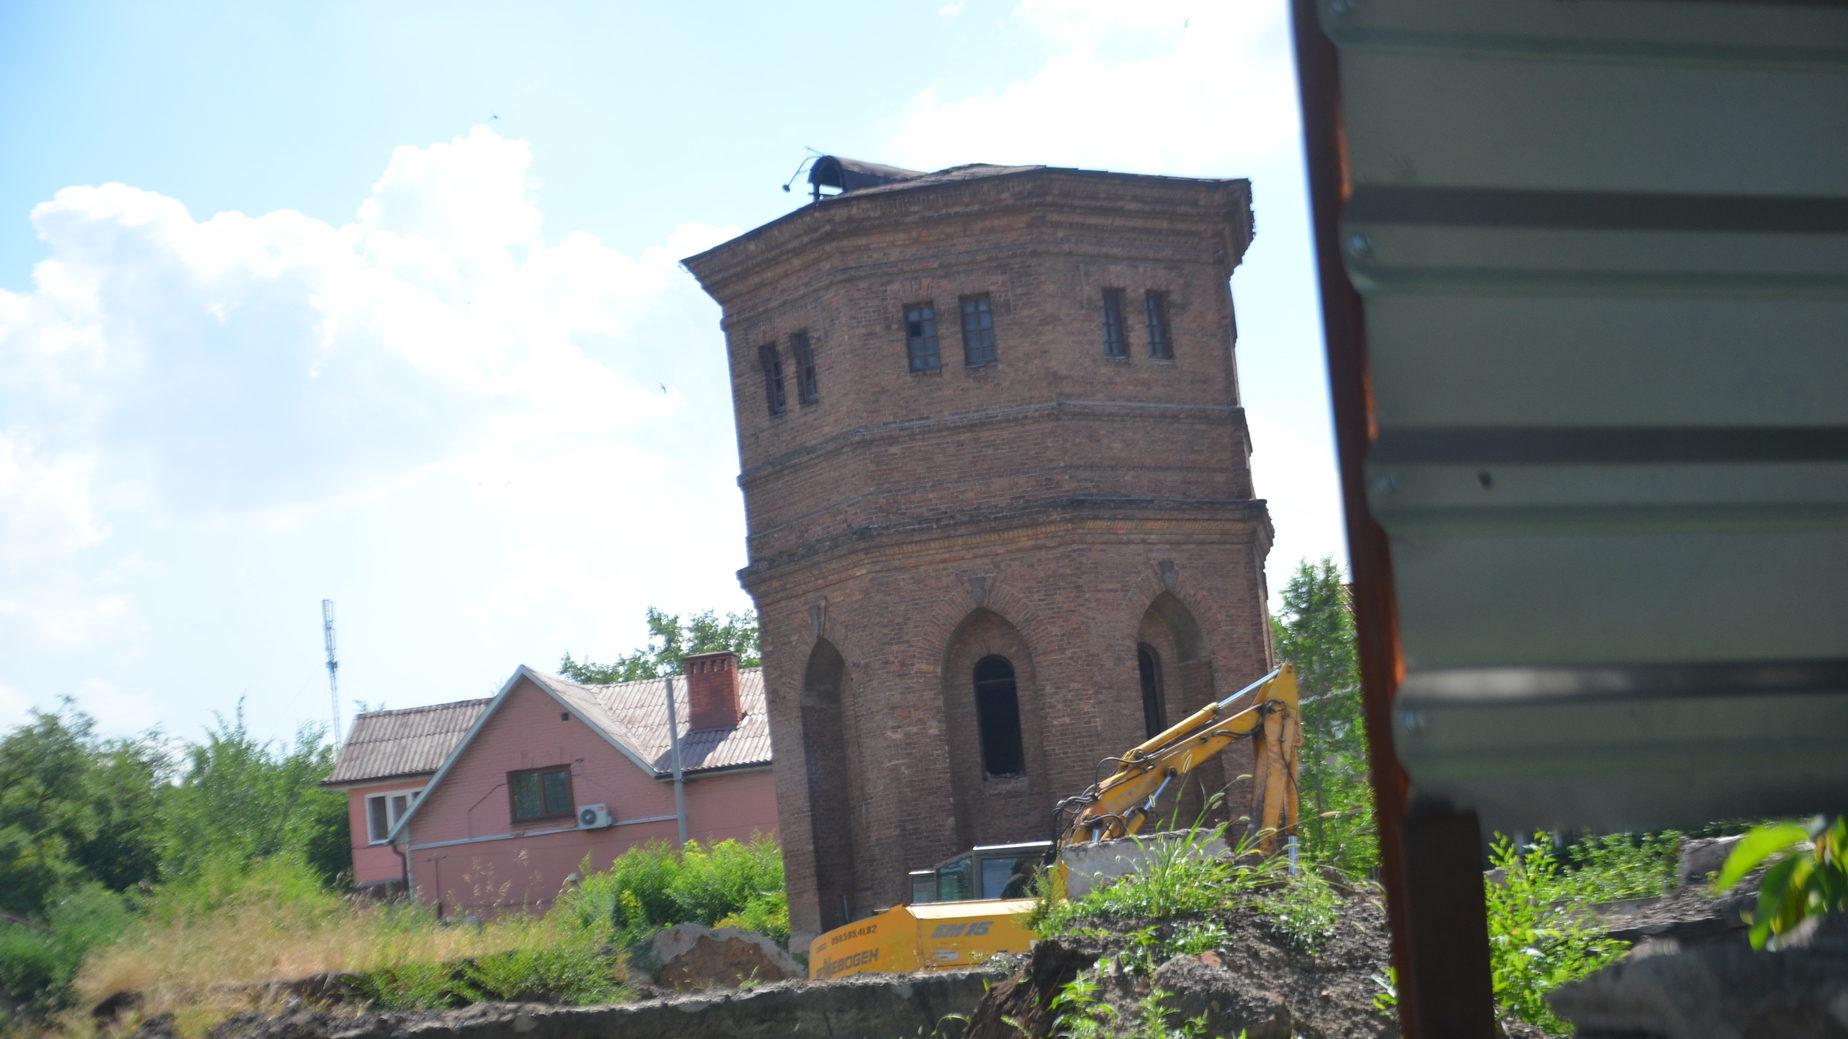 У Запоріжжі суд зняв заборону з території біля водонапірної башти на Іванова: бізнесмени почали будувати торговий комплекс - ФОТО